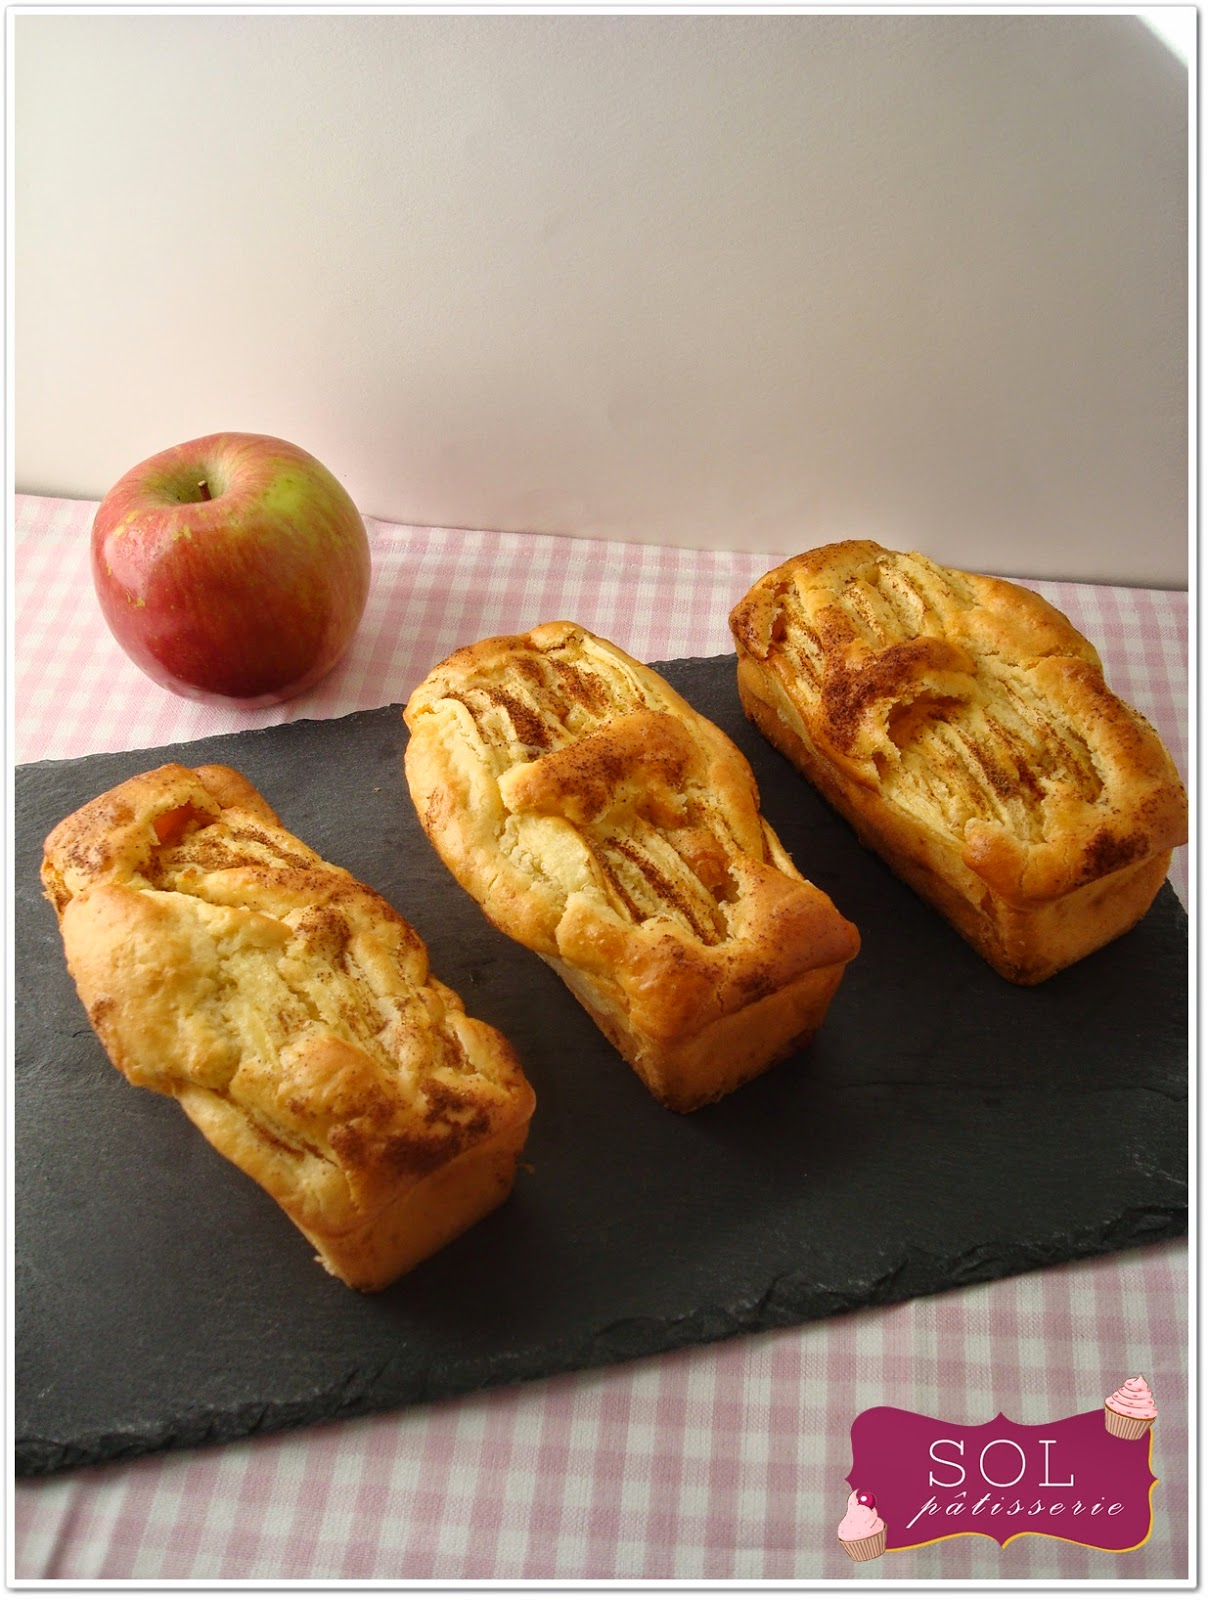 Mini cakes aux pommes et à la purée d'amandes sans gluten et sans lactose - Mini cakes de maçã e pasta de amêndoas sem gluten e sem lactose